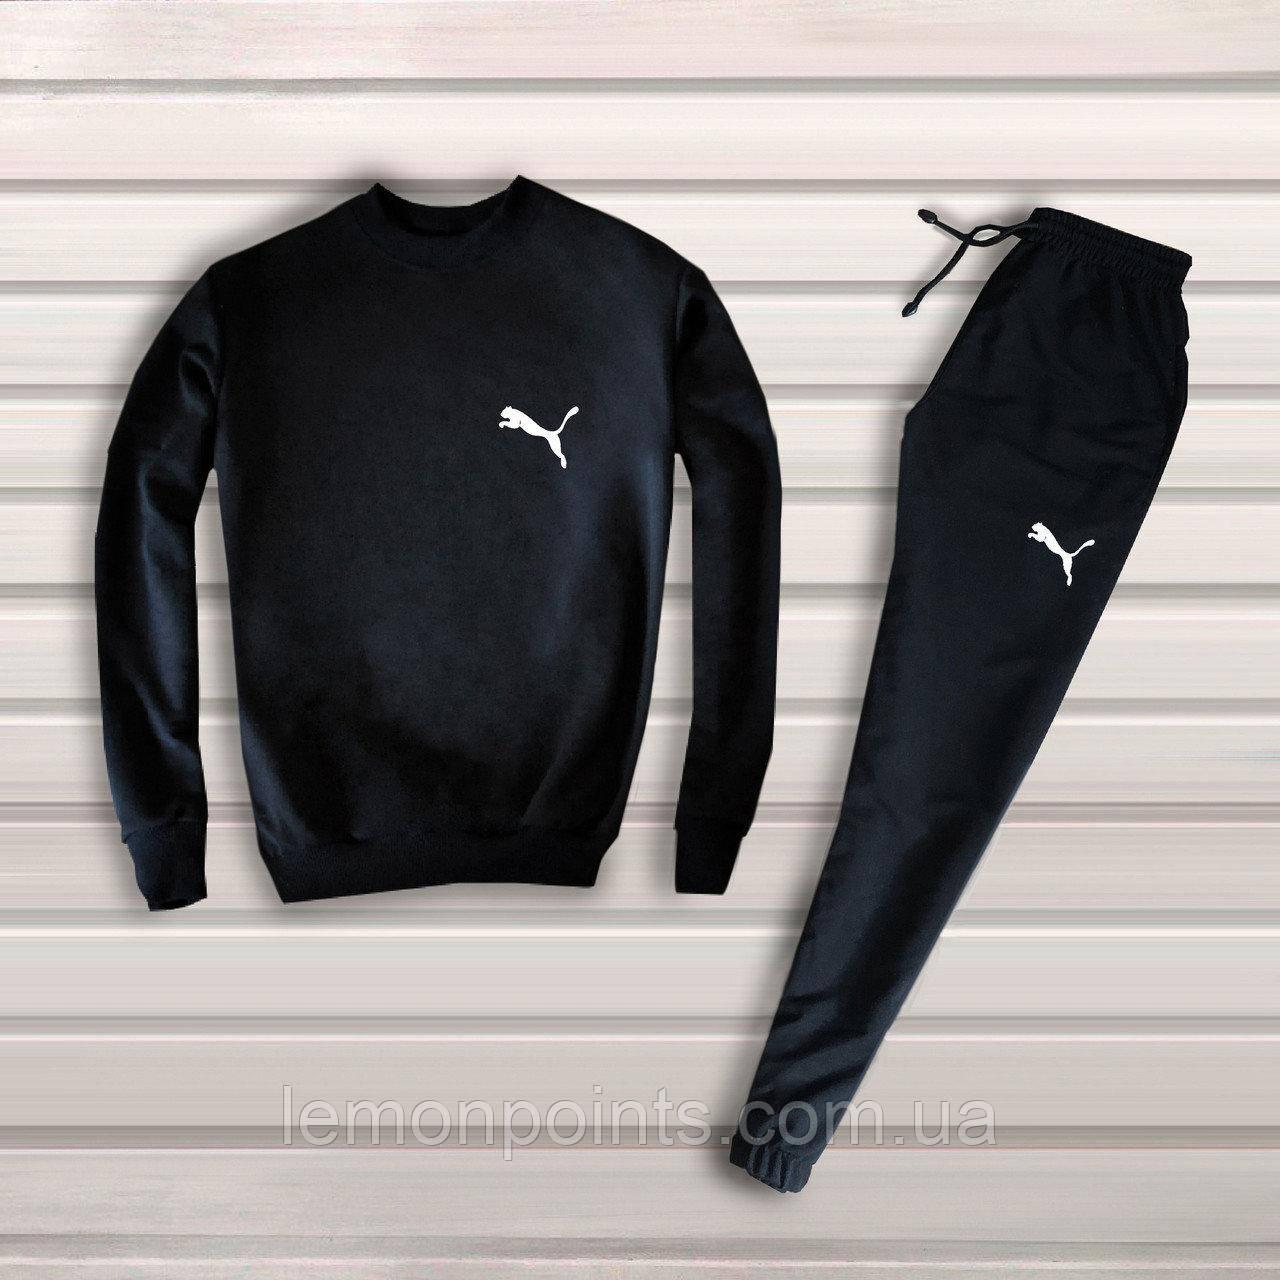 Теплый мужской спортивный костюм Puma без капюшона  (пума) черный (Флис)